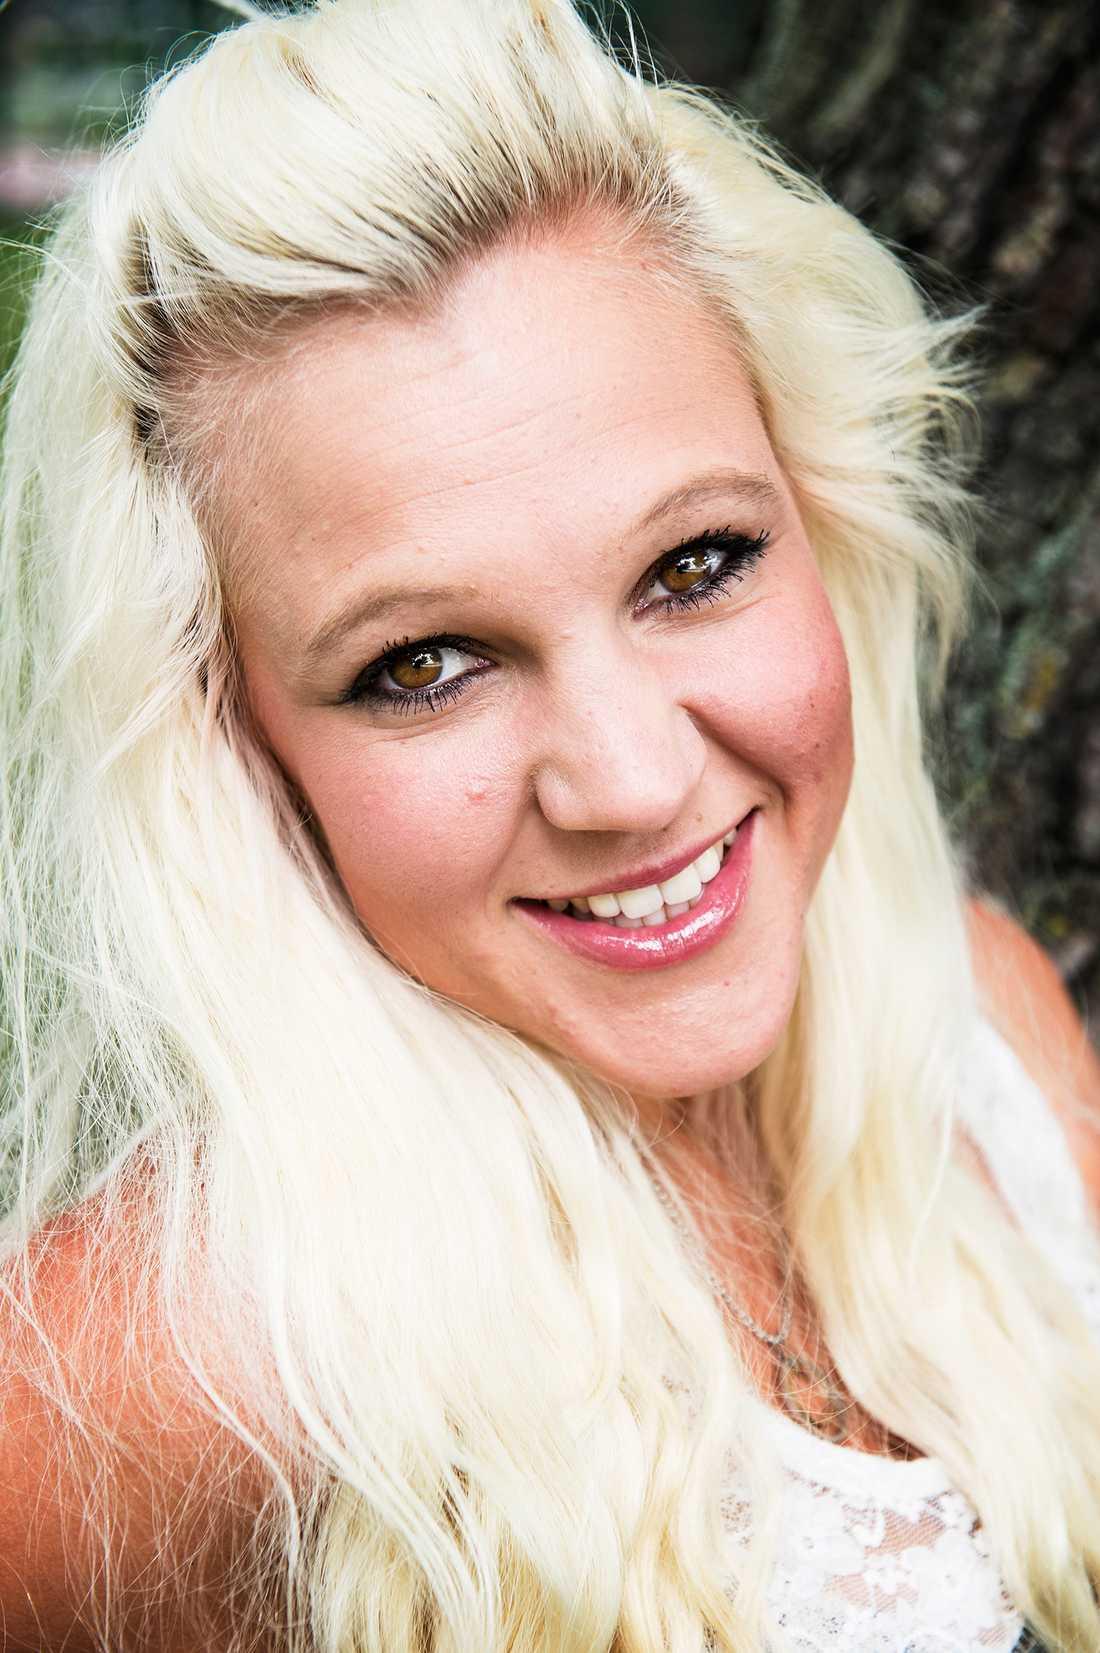 b946aecc3887 Så gick det sedan för ALLA ensamma mammorna | Aftonbladet